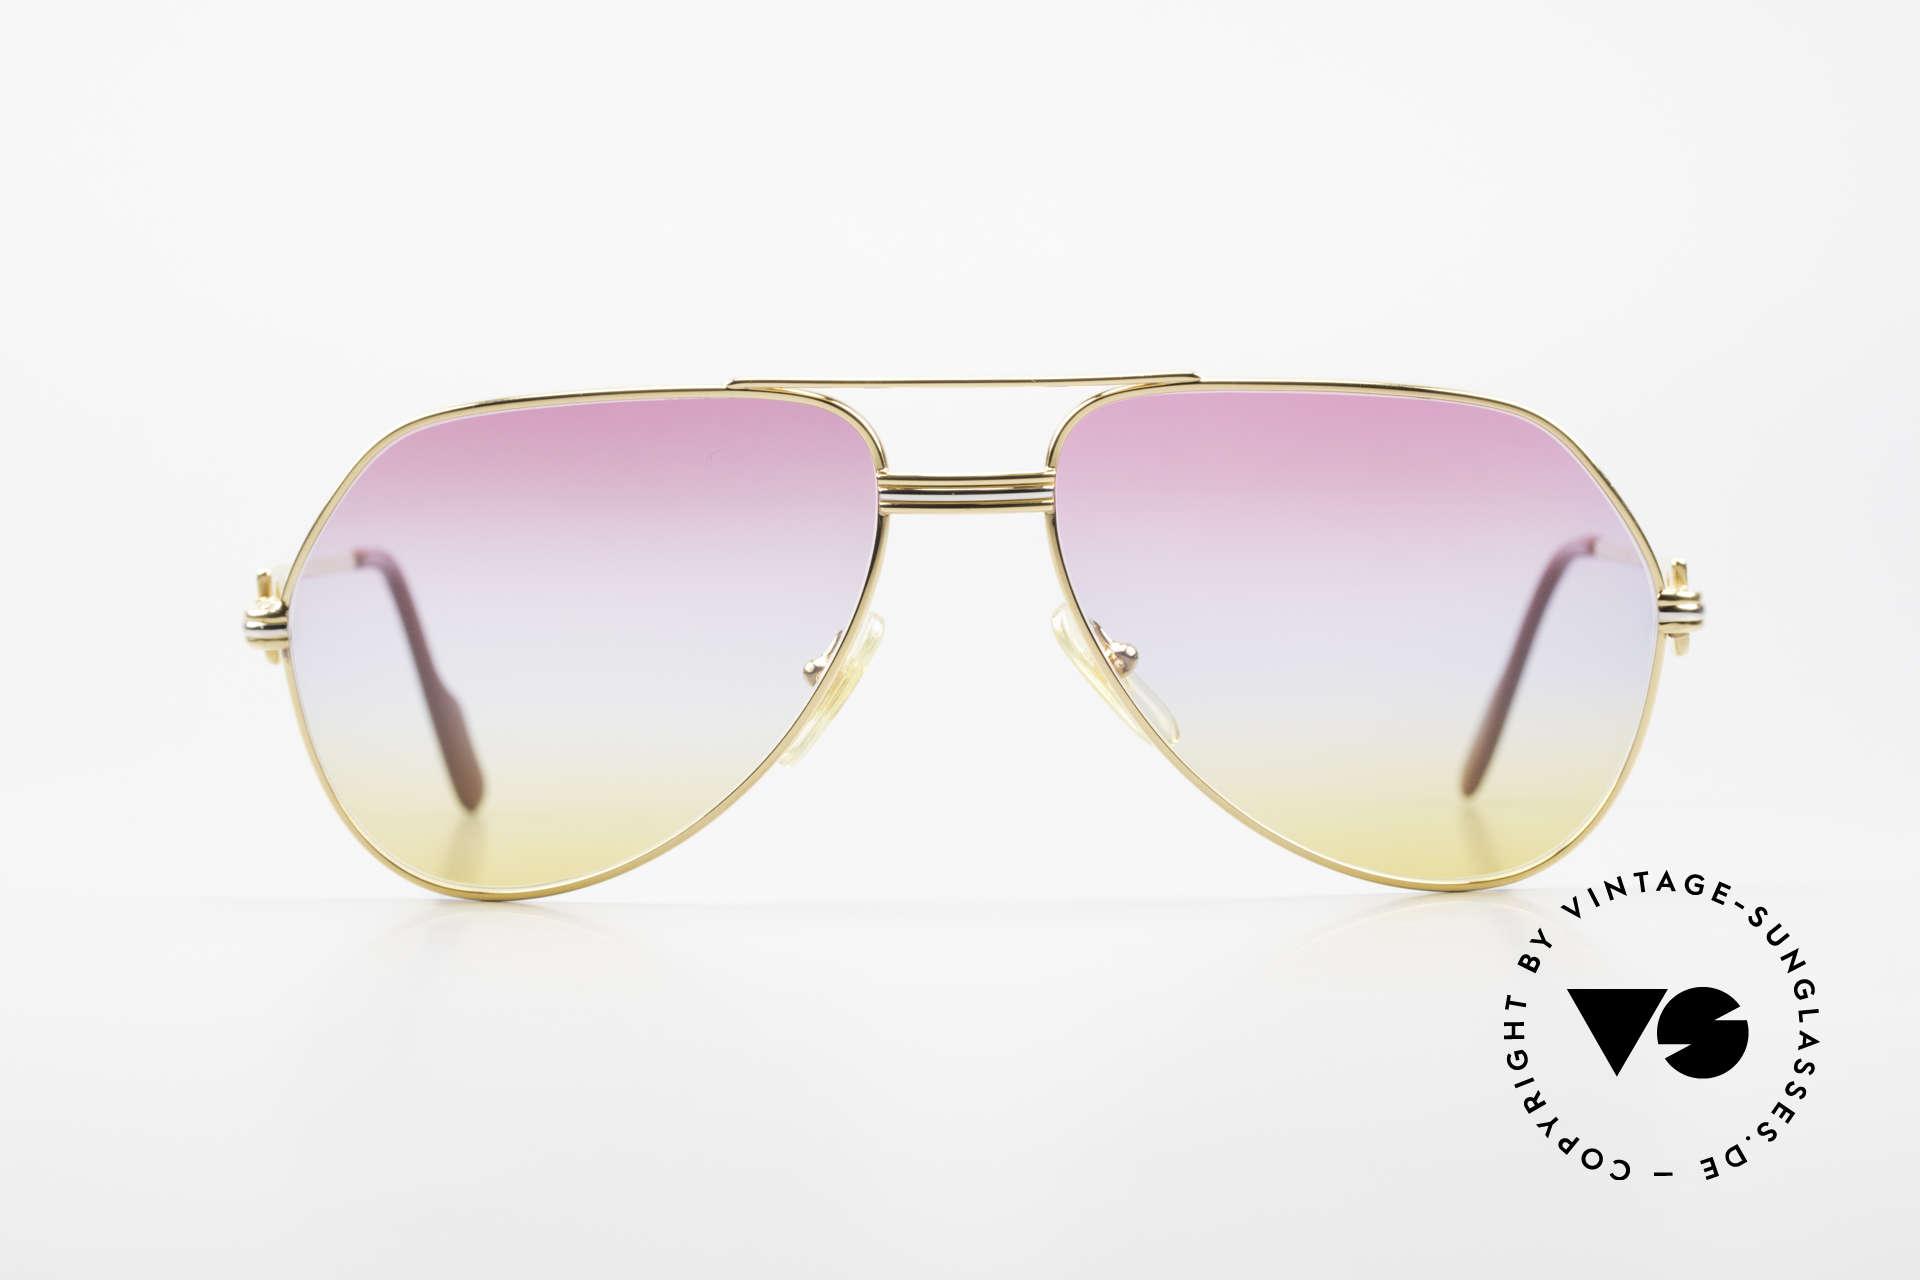 Cartier Vendome LC - M 80er 90er Aviator Sonnenbrille, wurde 1983 veröffentlicht und dann bis 1997 produziert, Passend für Herren und Damen